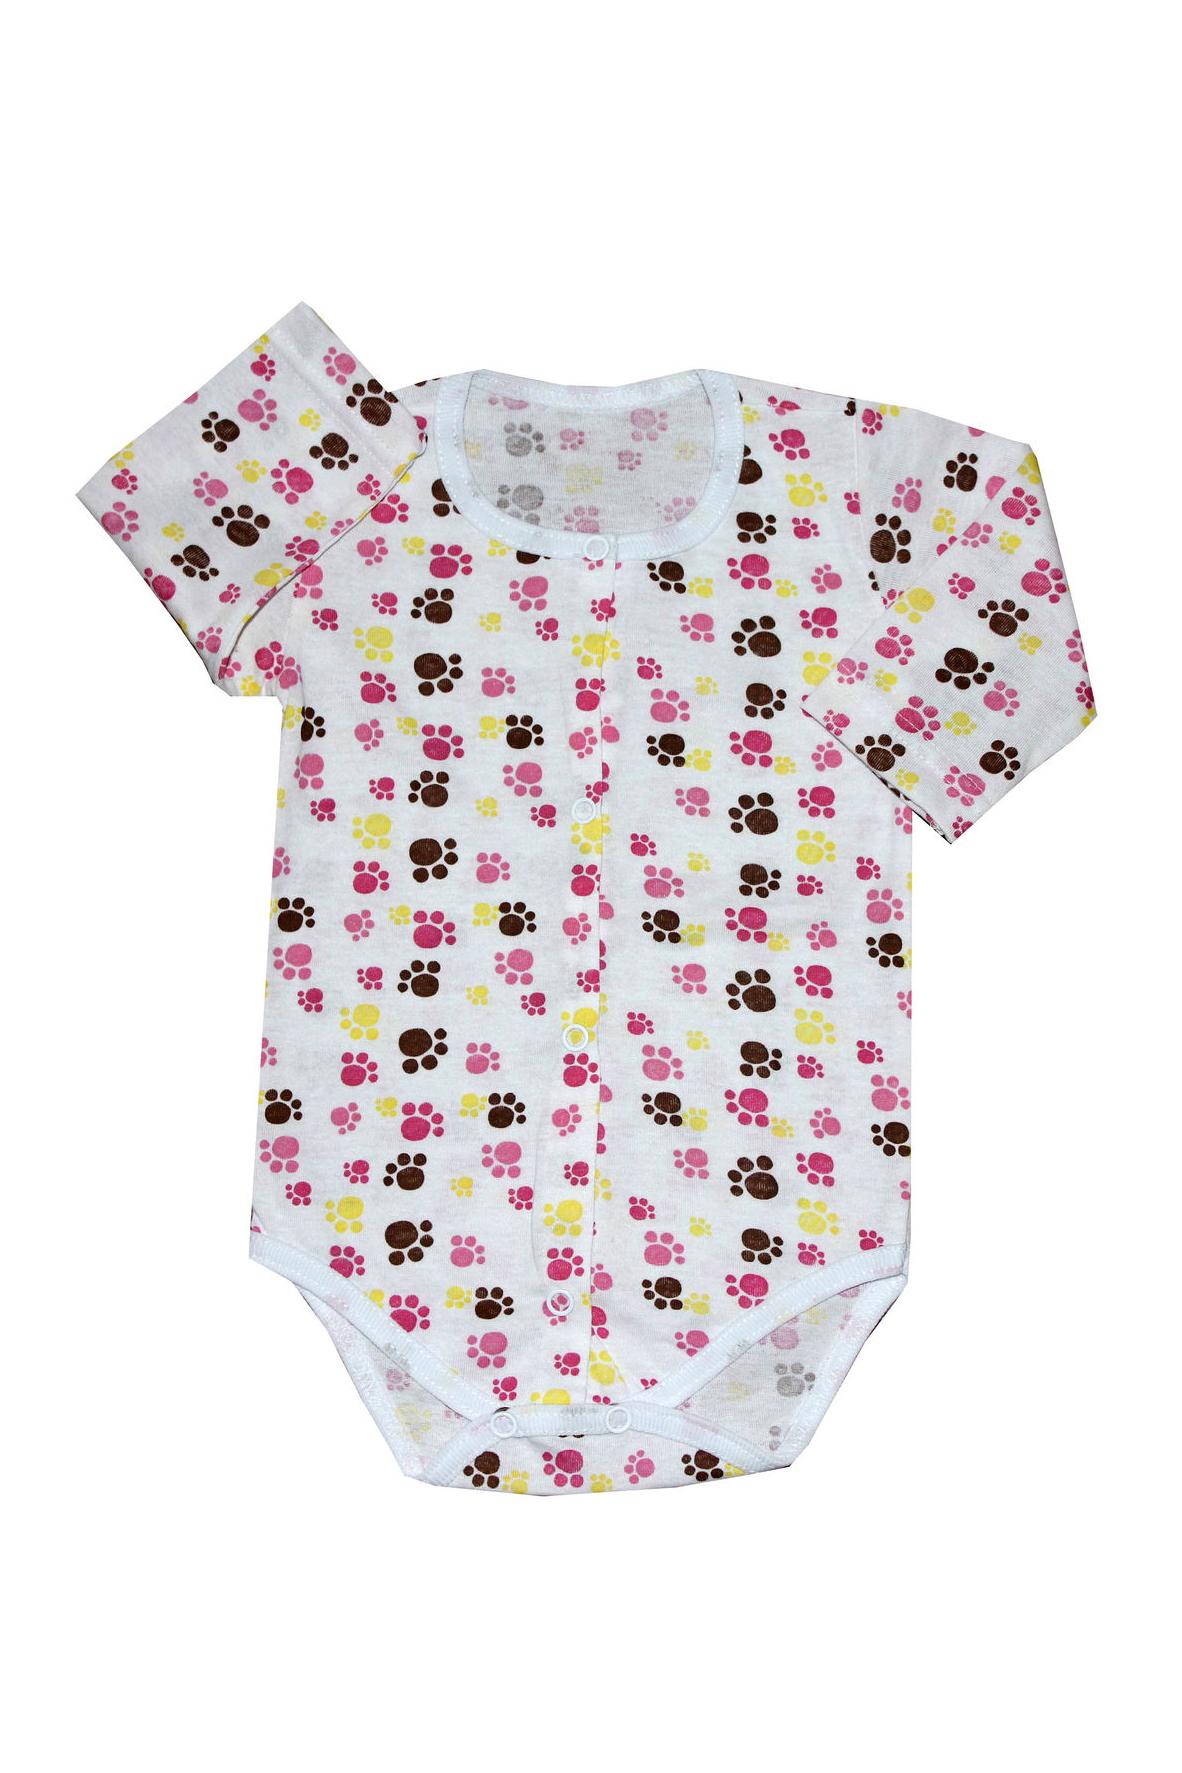 БодиКофточки<br>Хлопковое боди для новорожденного  В изделии использованы цвета: белый и др.  Размер соответствует росту ребенка.<br><br>По сезону: Всесезон<br>Размер : 68,74<br>Материал: Хлопок<br>Количество в наличии: 2